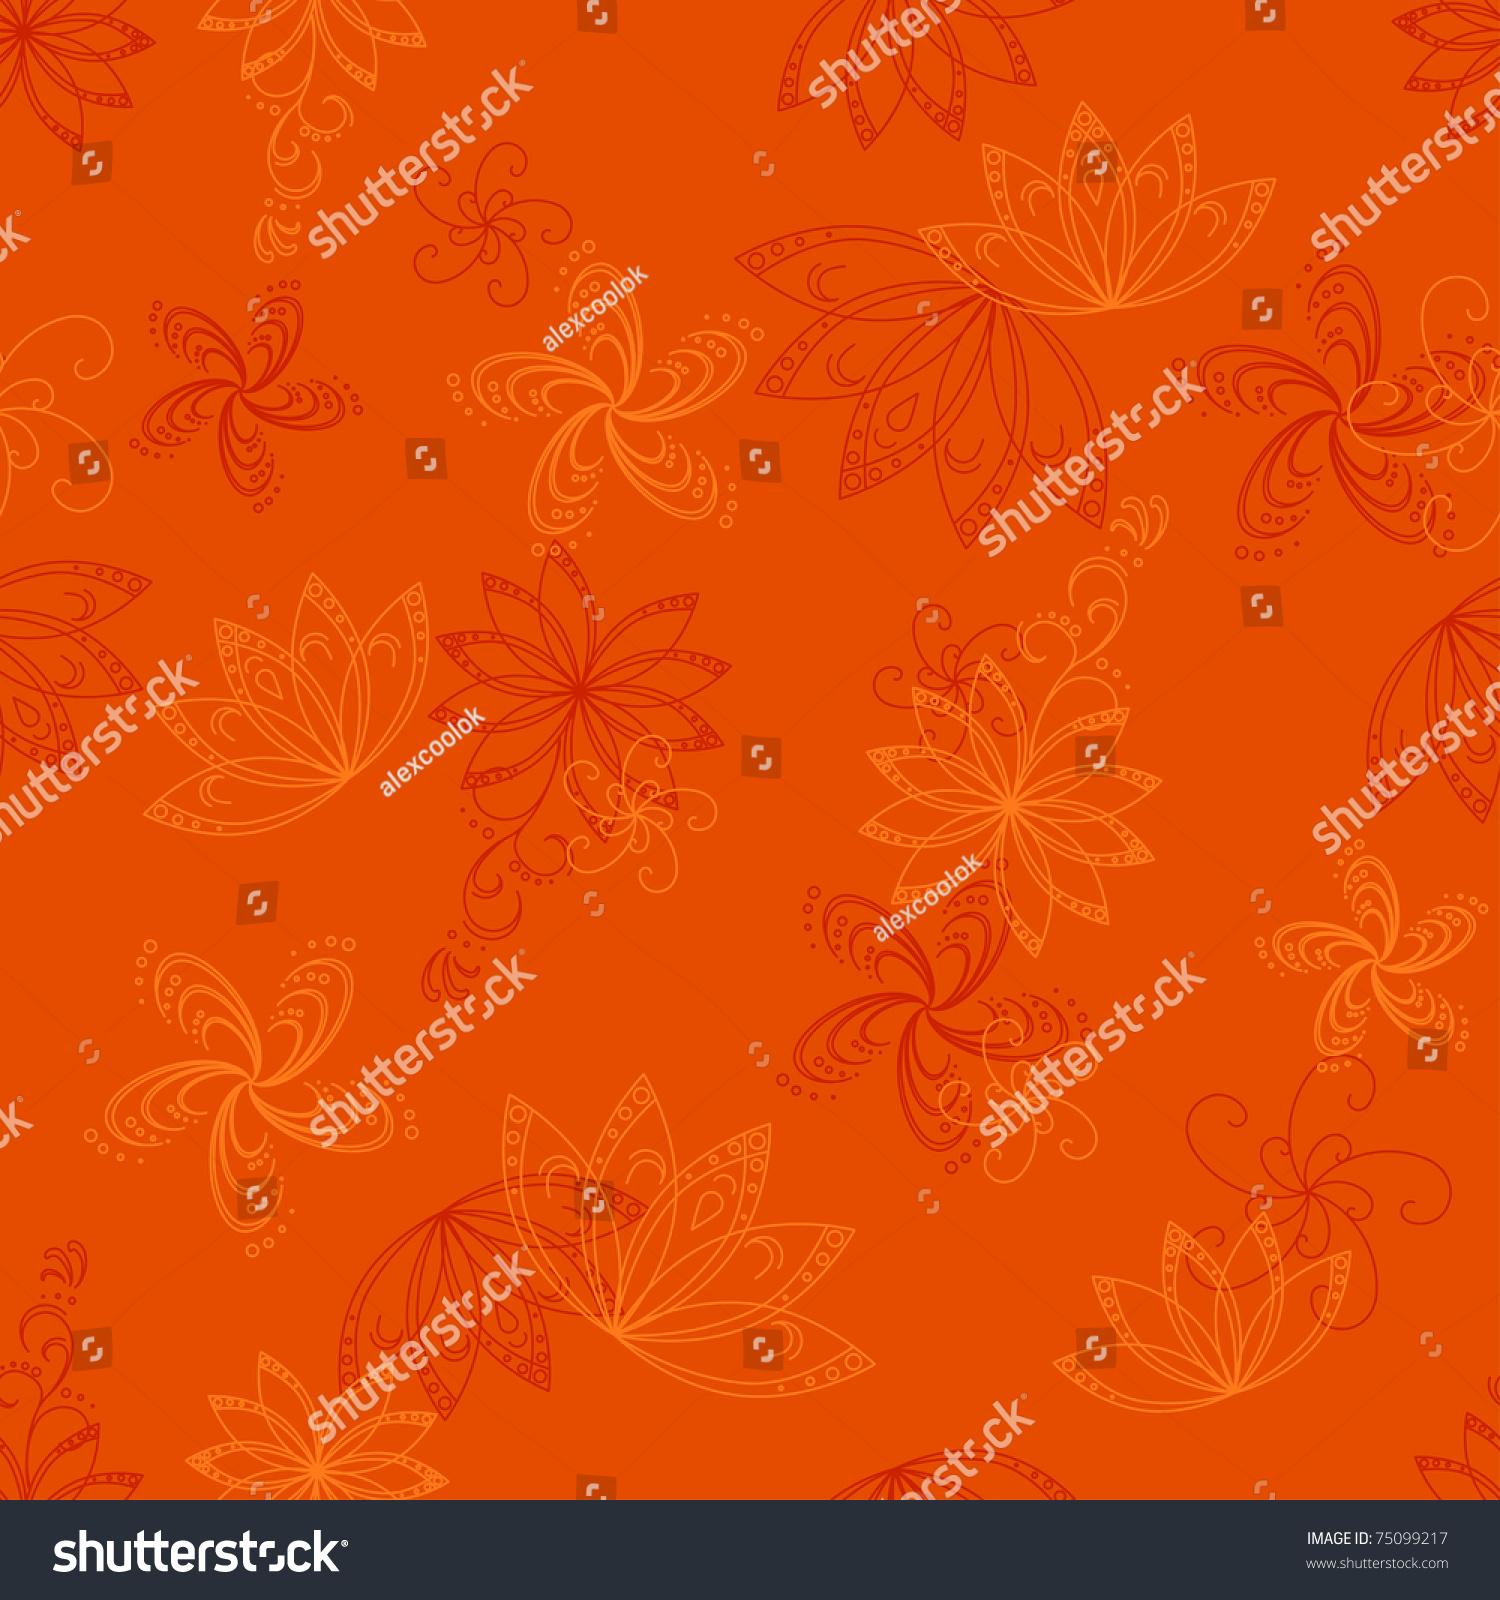 文摘橙色无缝背景矢量图形的花卉图案-背景/素材